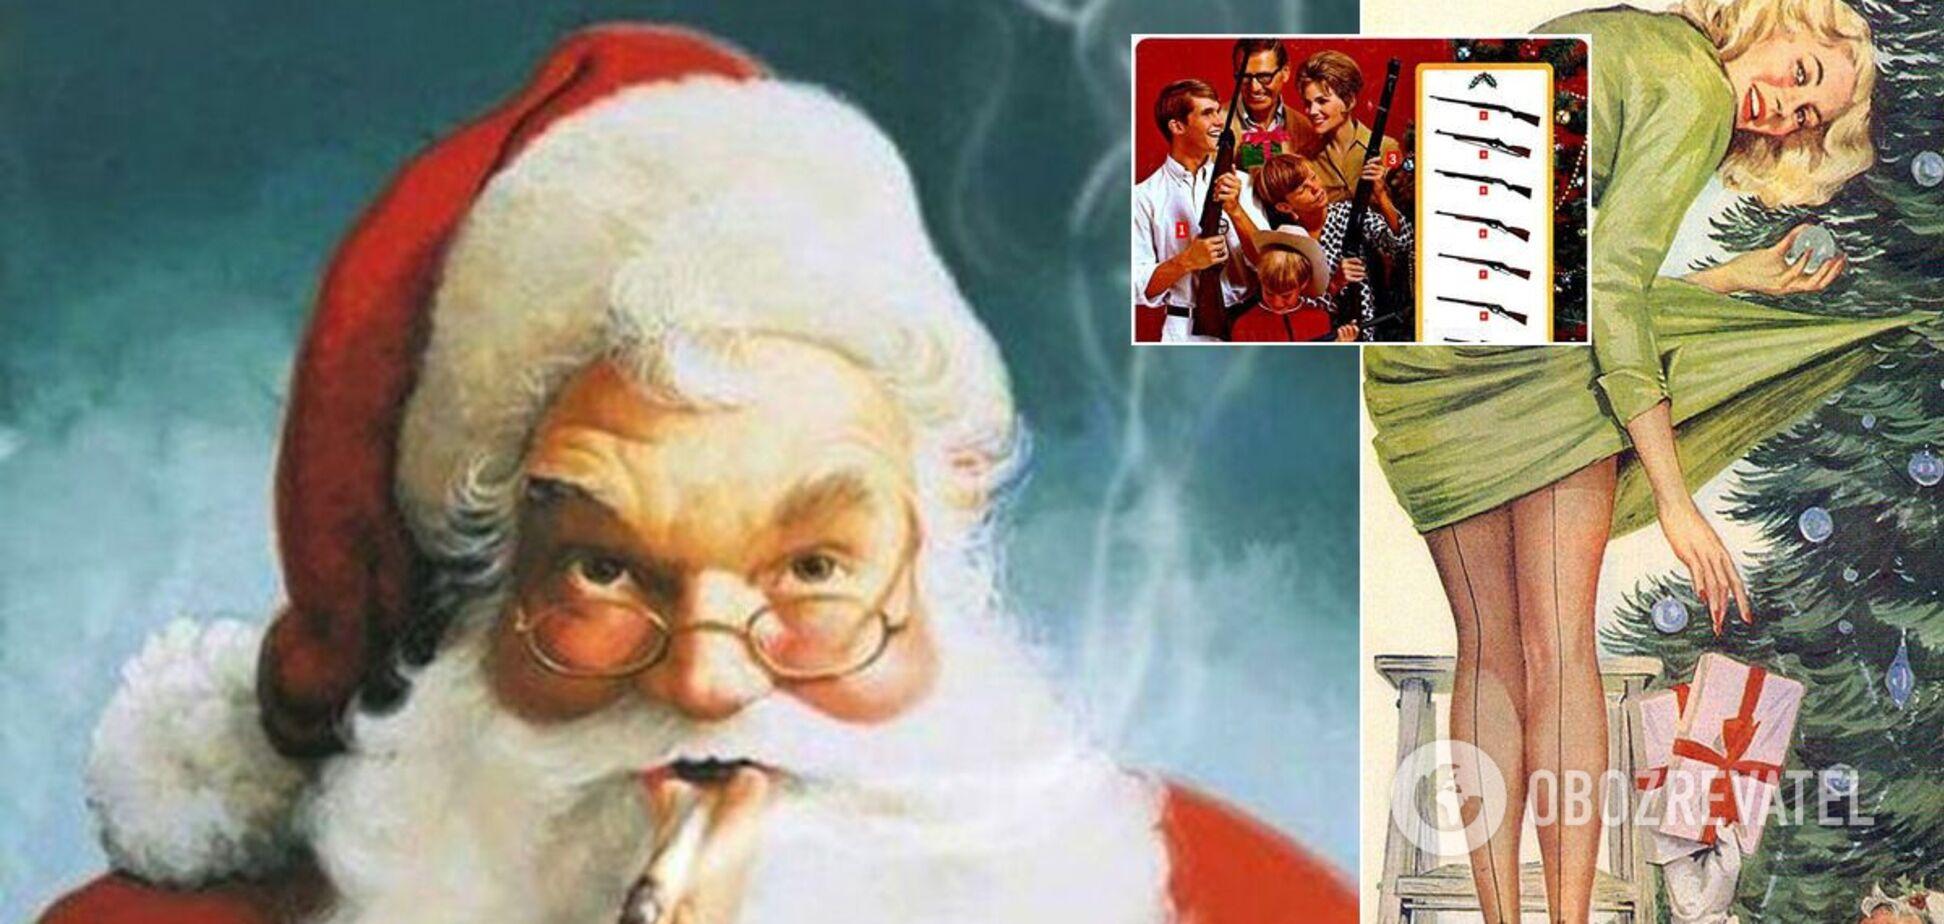 Вінтажна новорічно-різдвяна реклама